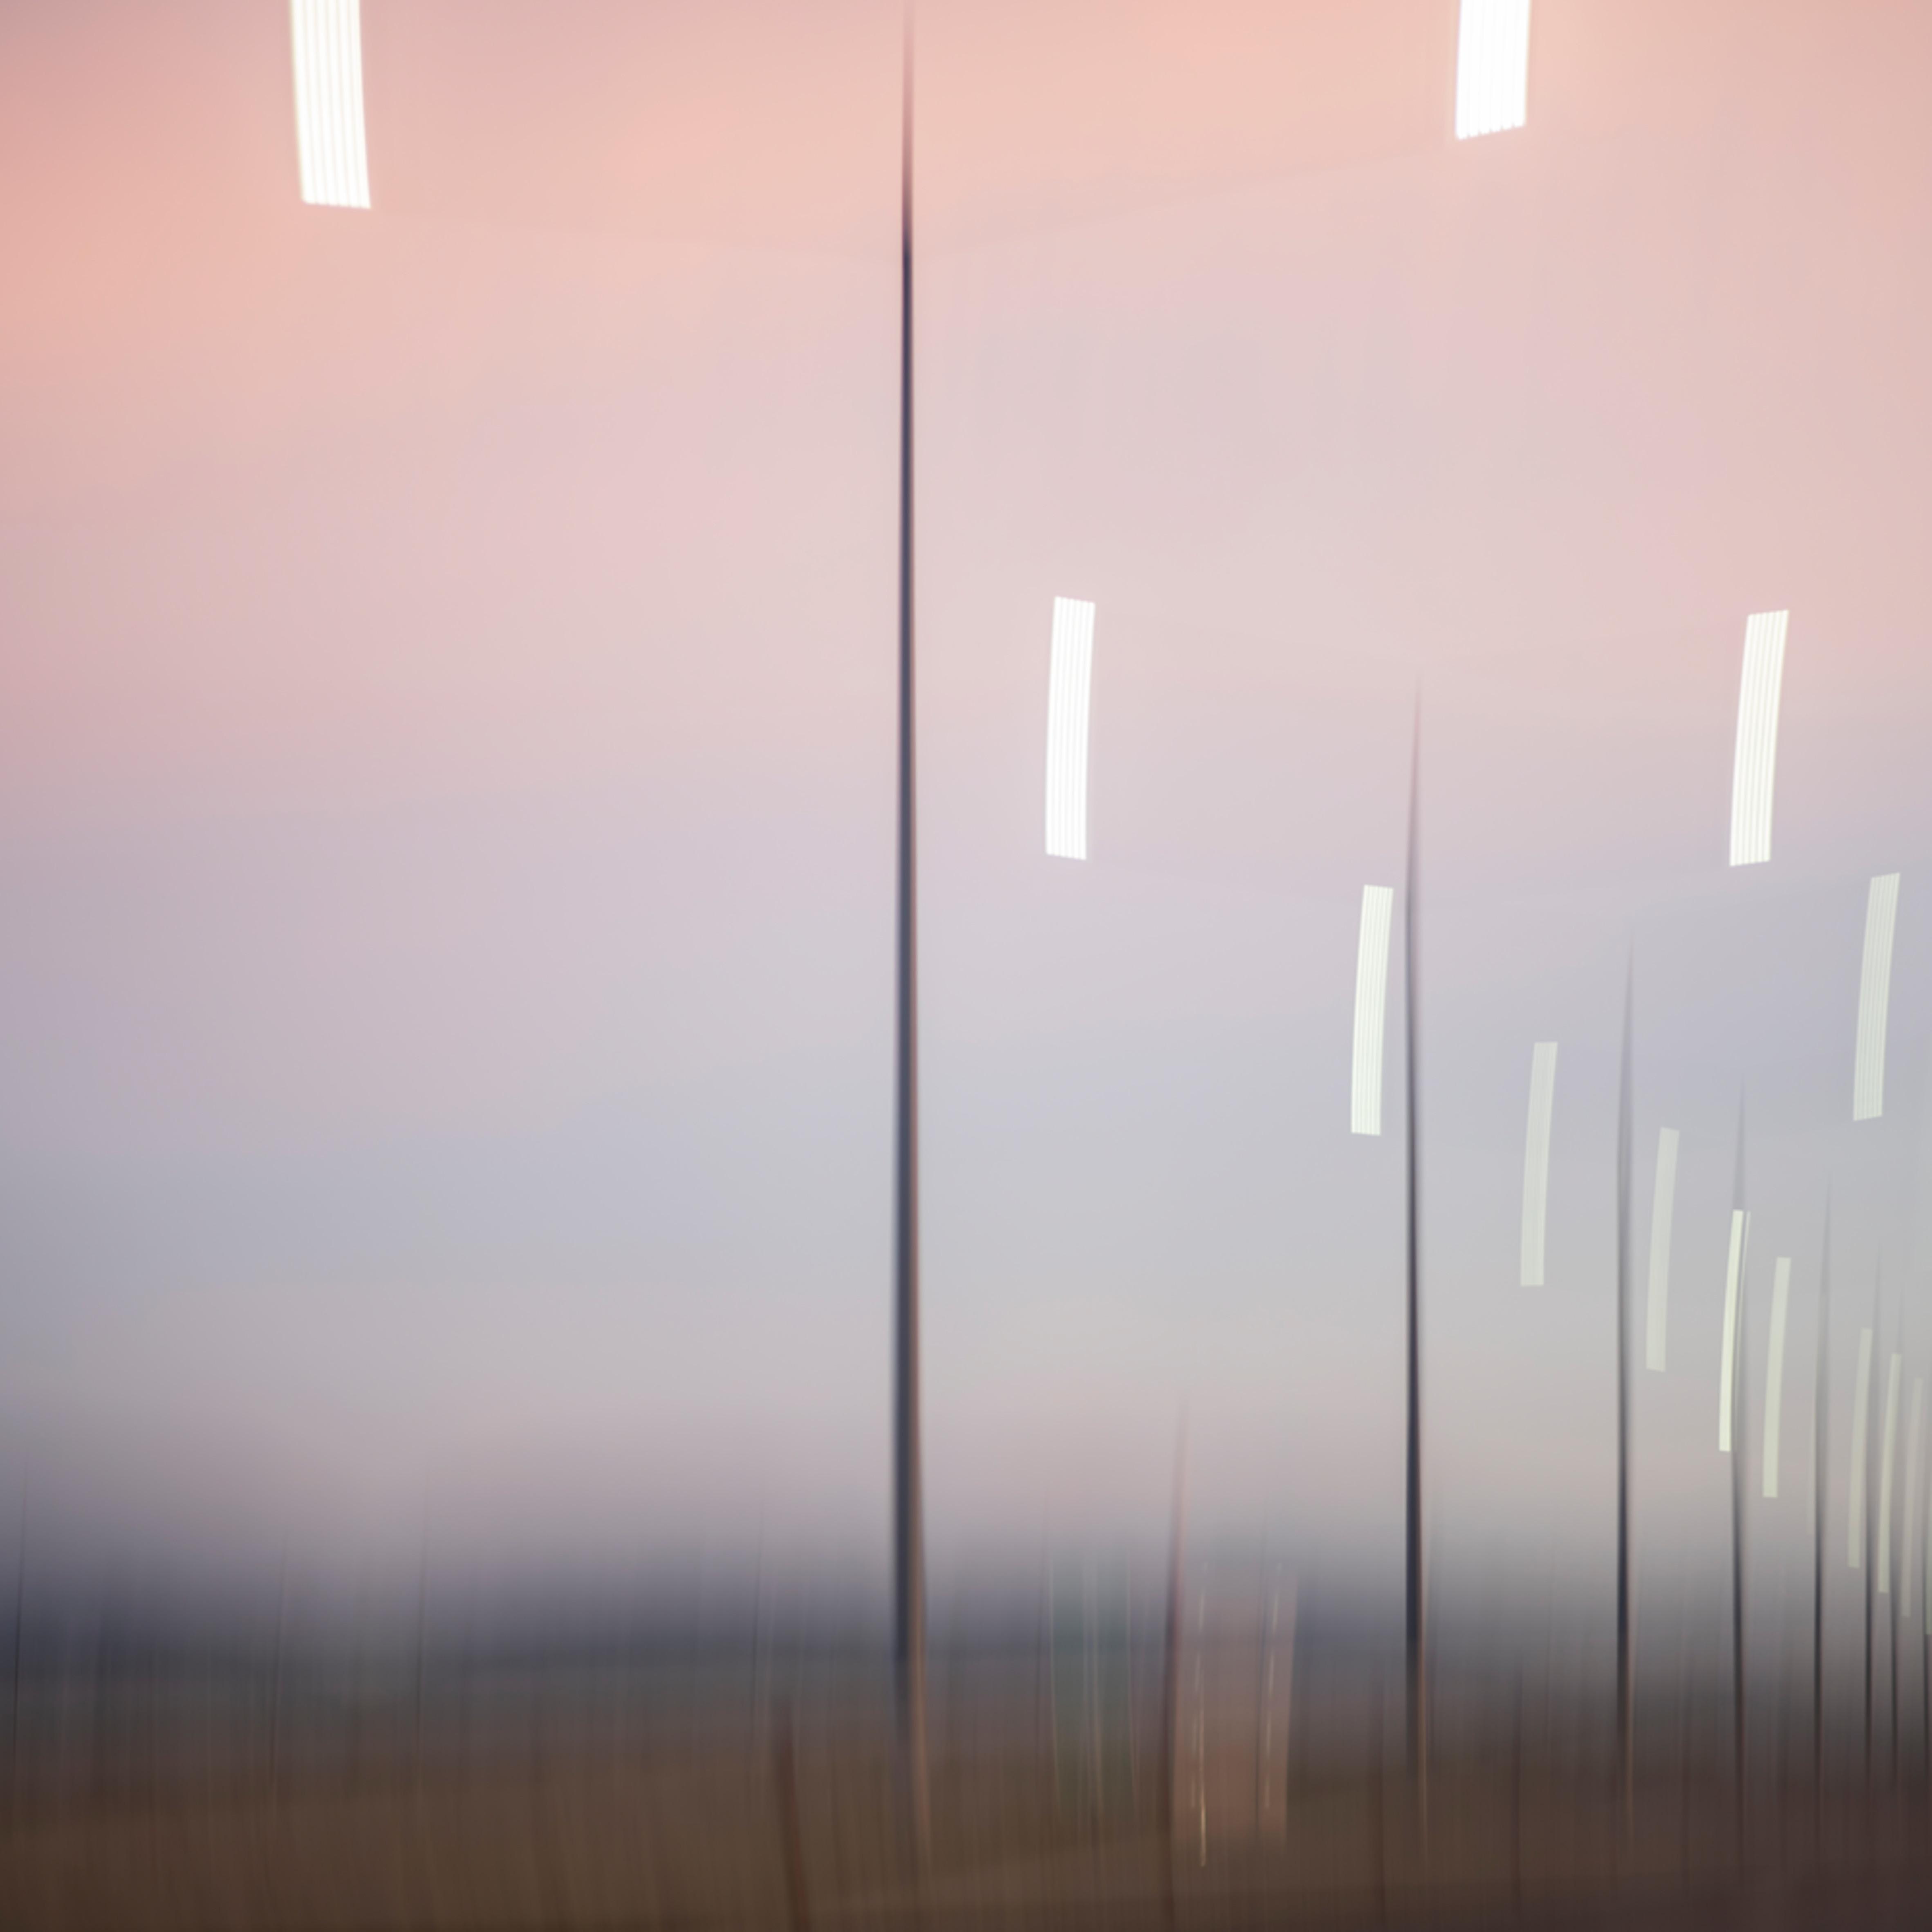 Abstract landscape 1 fine art print silvia nikolov pm4kpq